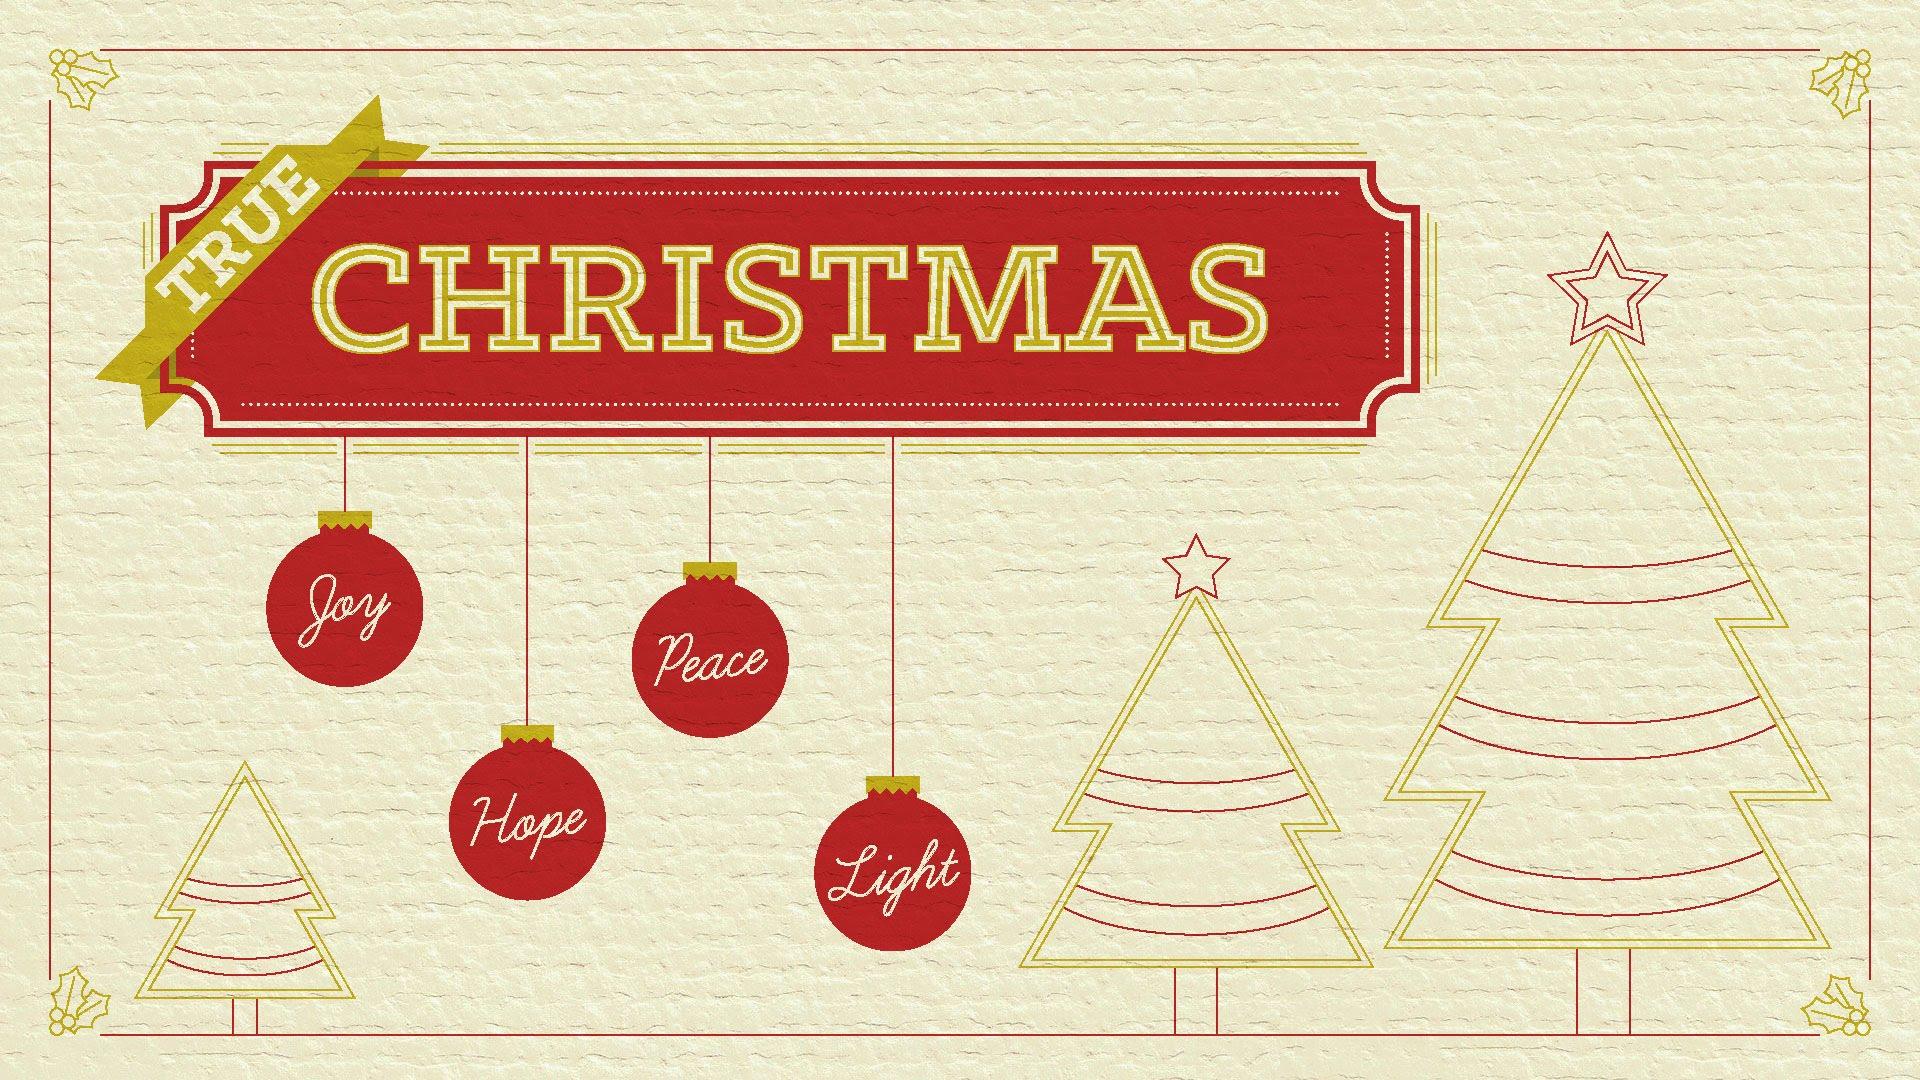 True Christmas: Hope